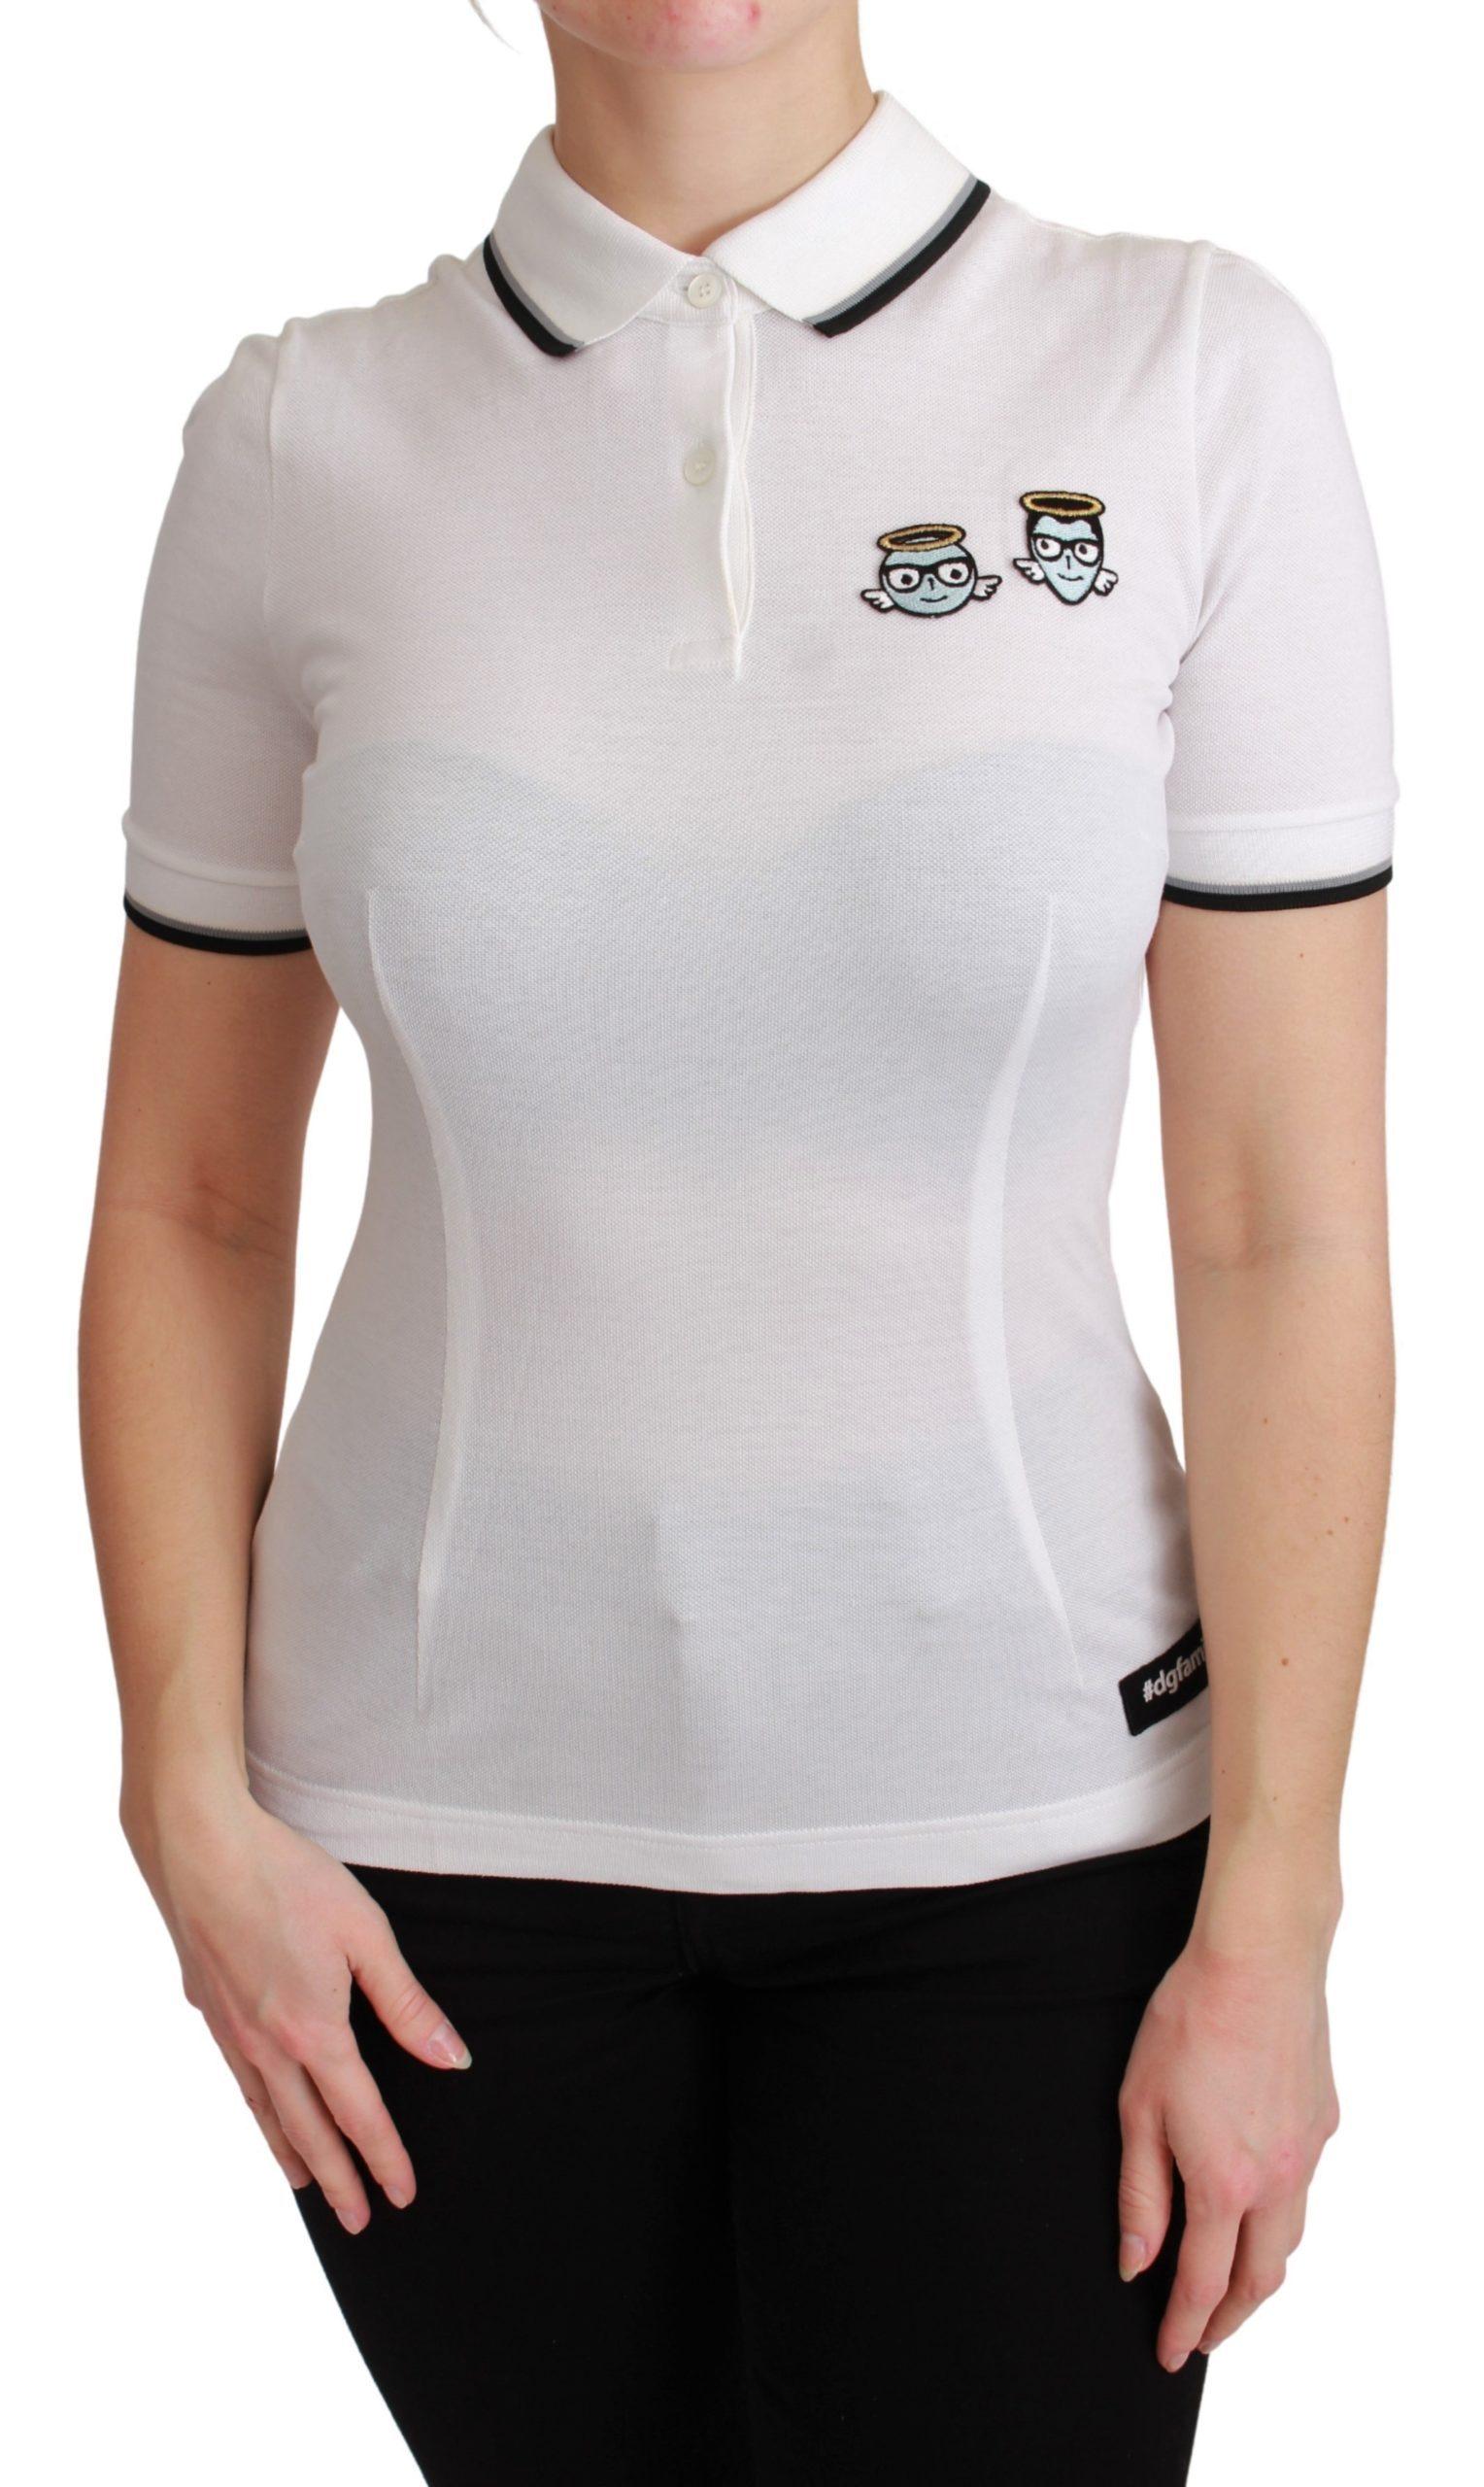 Dolce & Gabbana Women's Cotton Polo Shirt White TSH4550 - IT36   XS